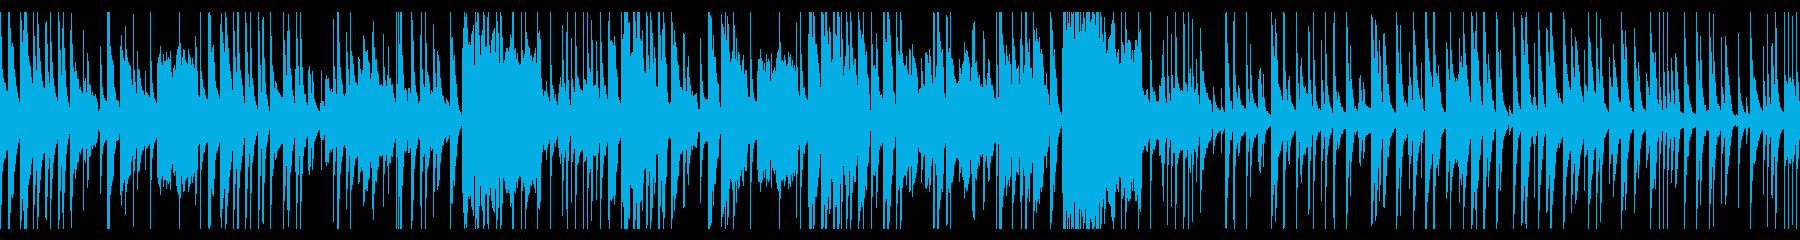 マリンバの可愛いジャズブルースの再生済みの波形